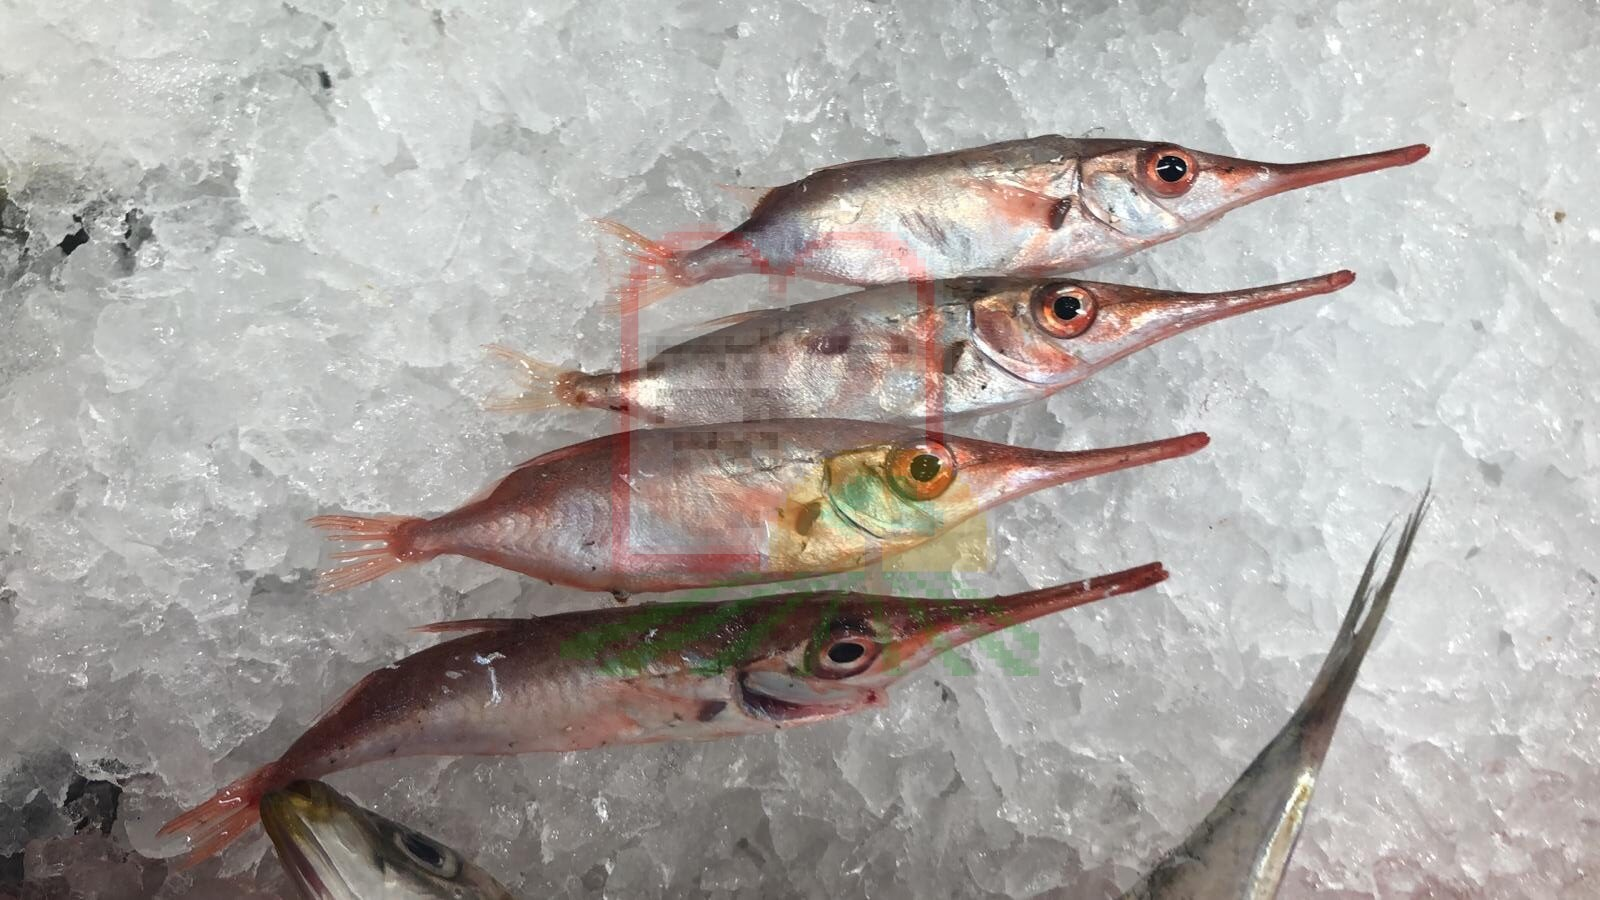 דגי בוסיף צעירים שעלו עם דייג הסרדינים